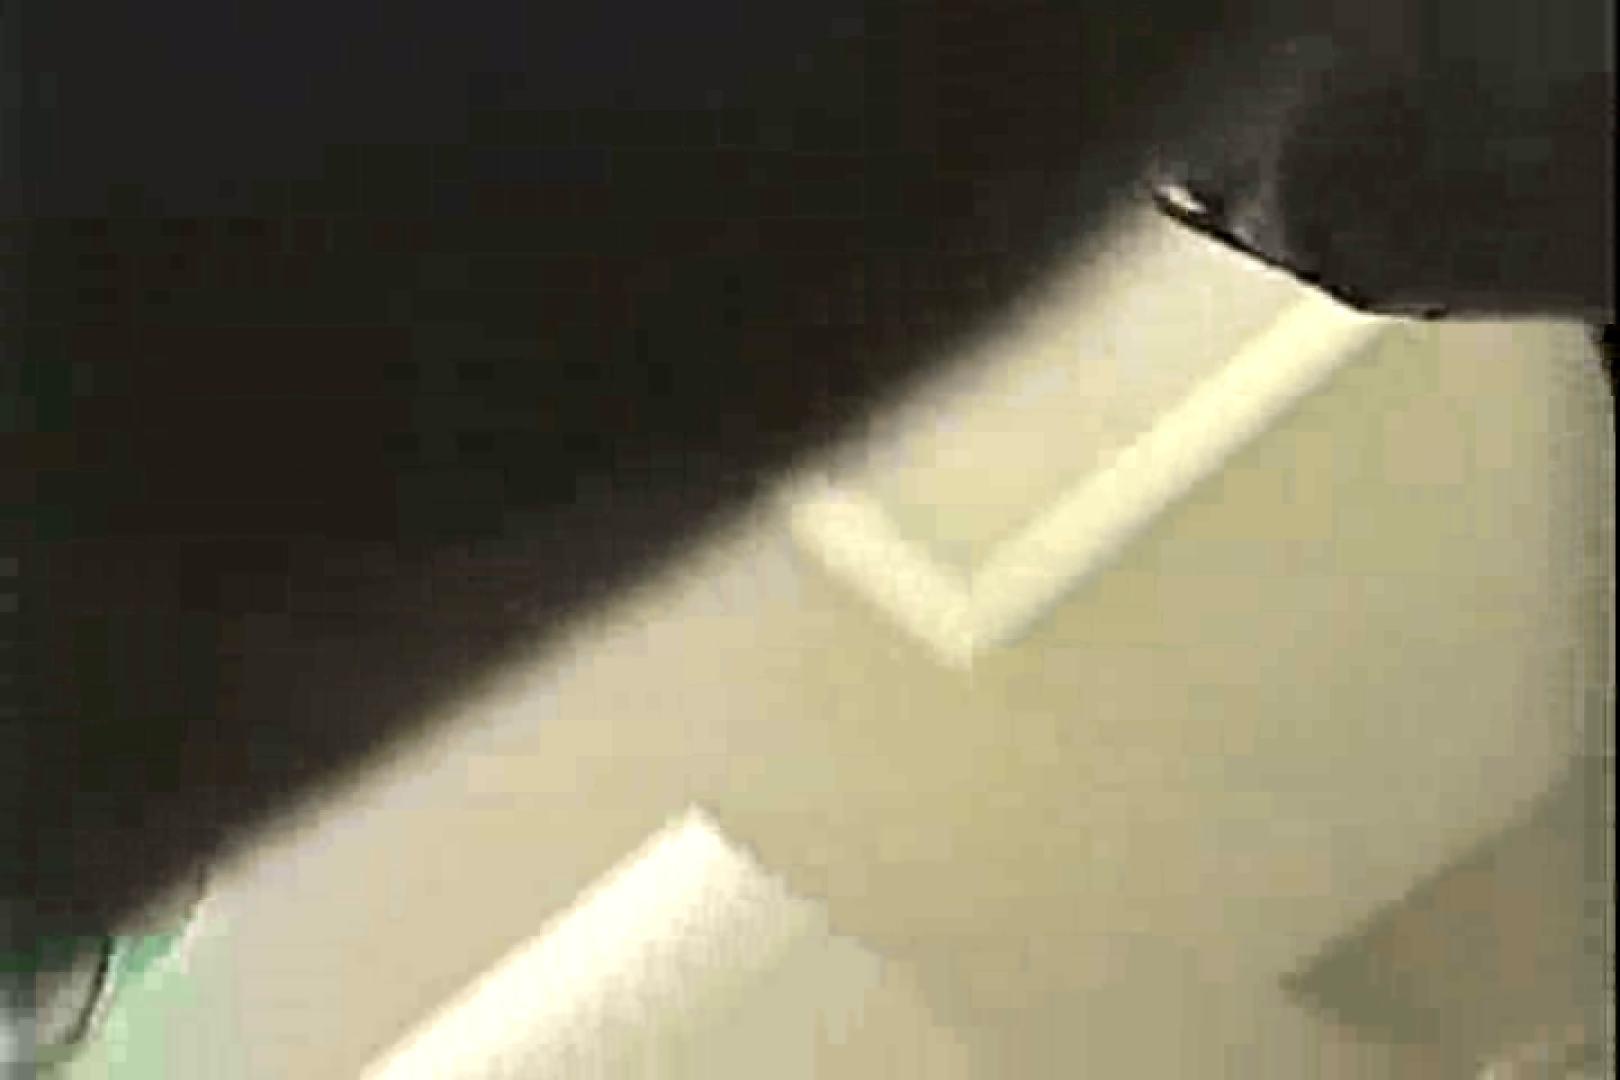 「ちくりん」さんのオリジナル未編集パンチラVol.6_01 盗撮特集 AV動画キャプチャ 73画像 27